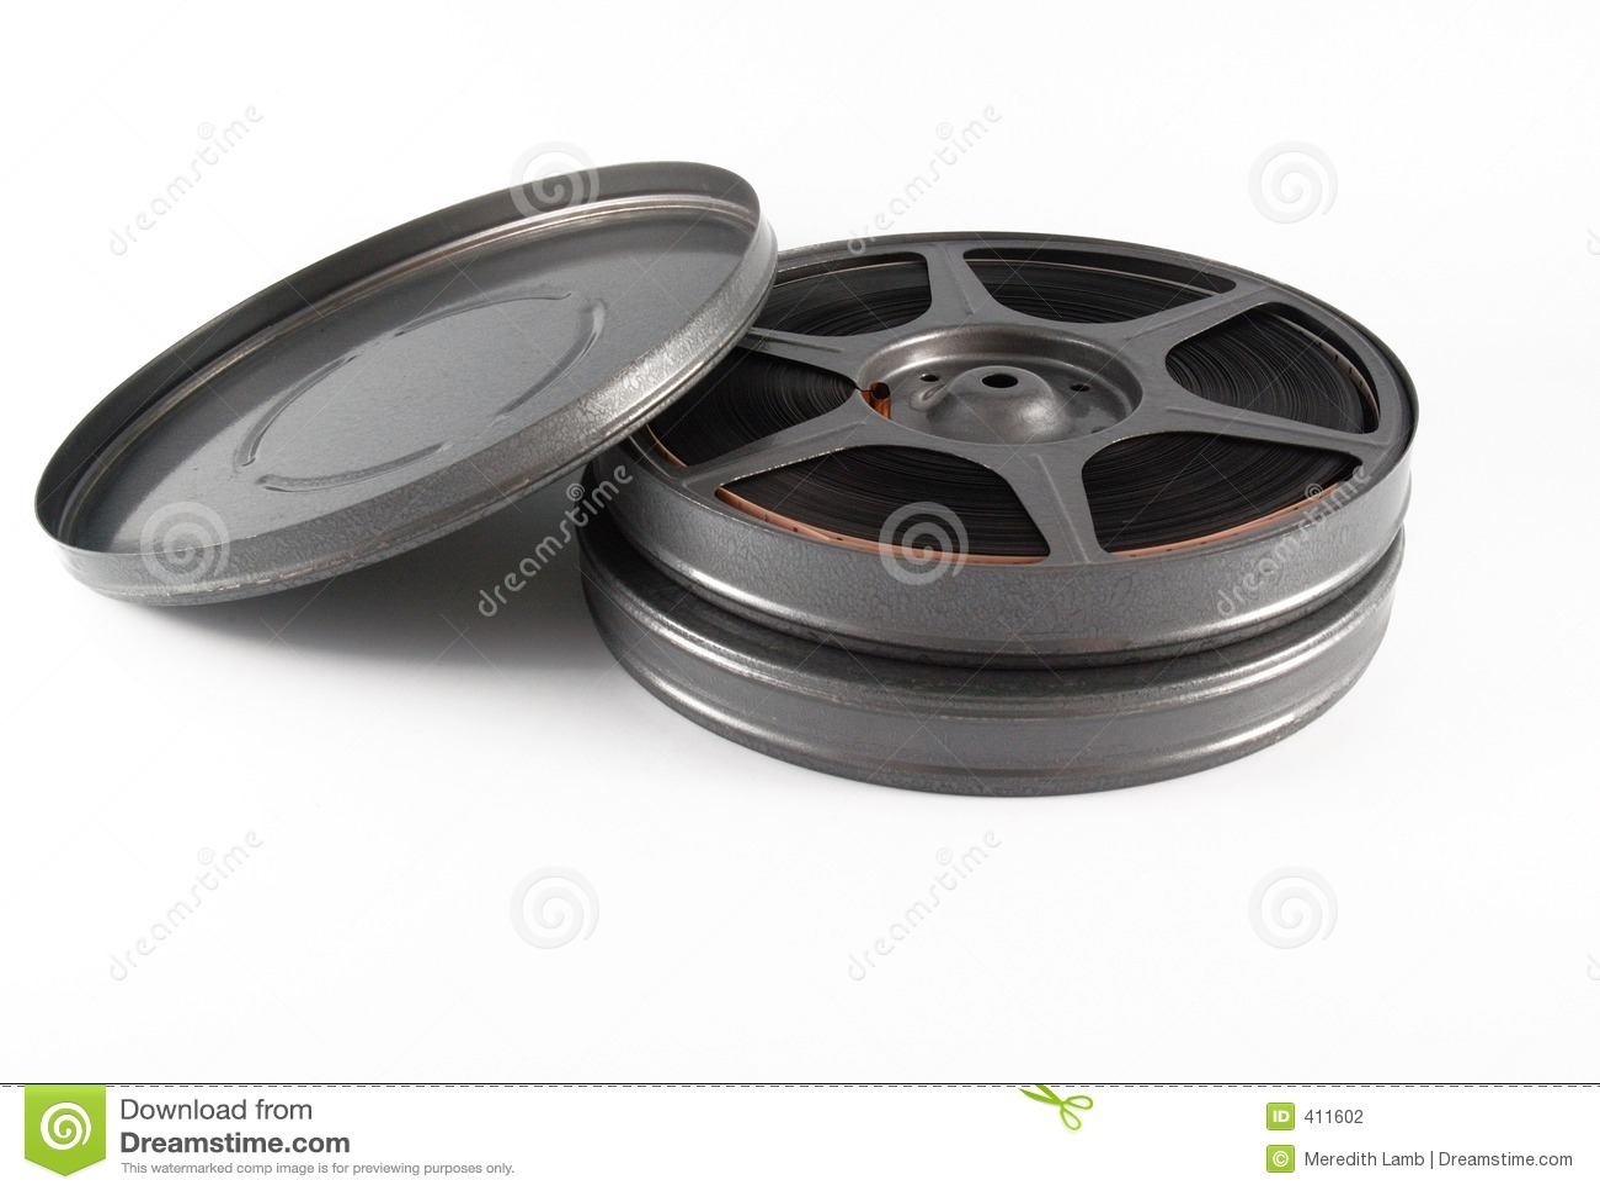 16个罐摄制mm卷轴